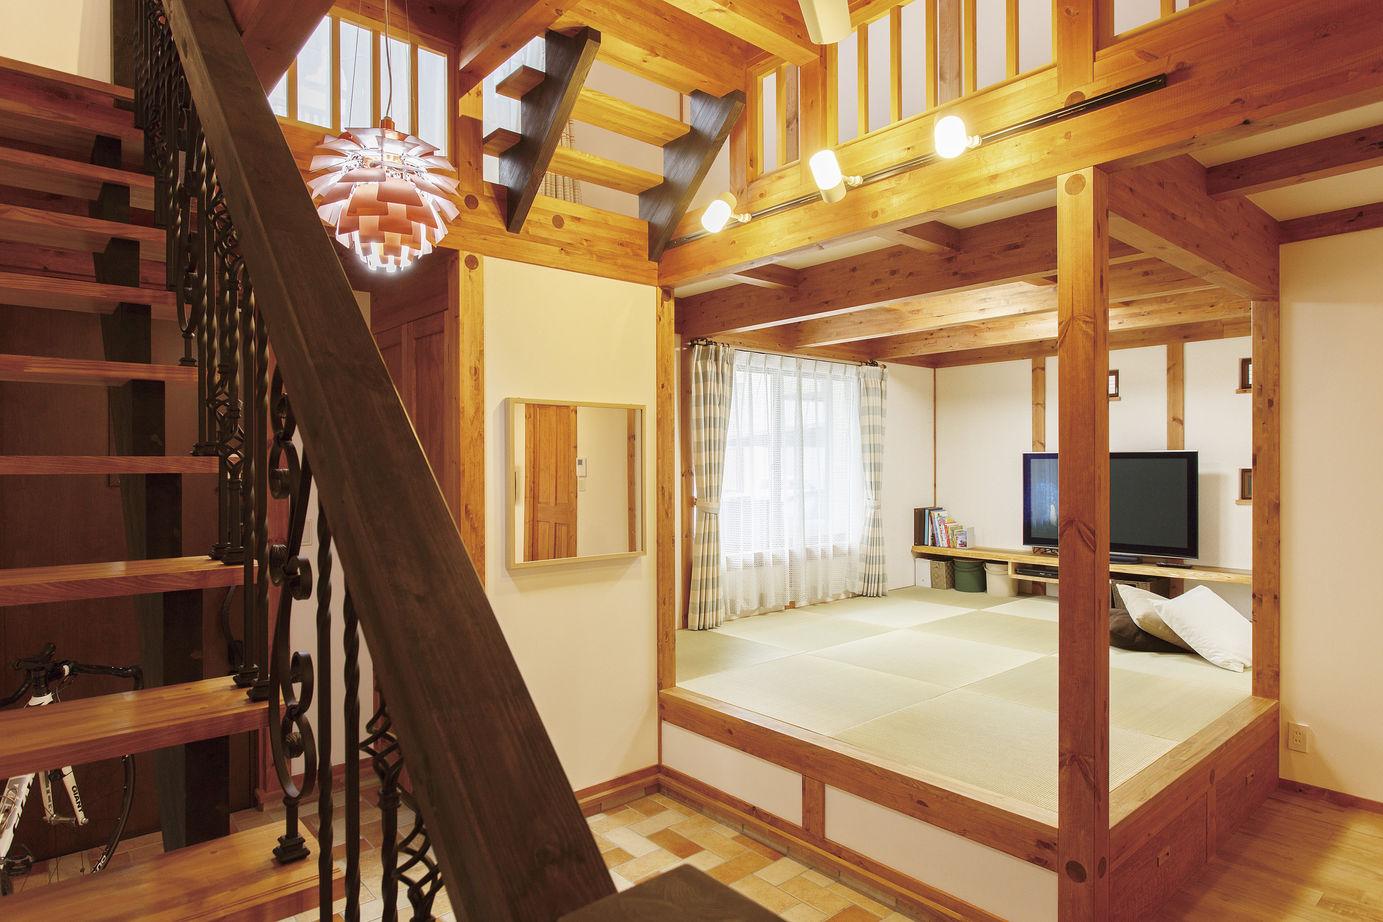 階段の手すりは、立体感と重厚感が魅力のロートアイアンを使って和風でも洋風でもないオリジナルなテイストに。装飾性の高い錬鉄(れんてつ)を使ったアイアンワークは、木の空間とも相性抜群だ